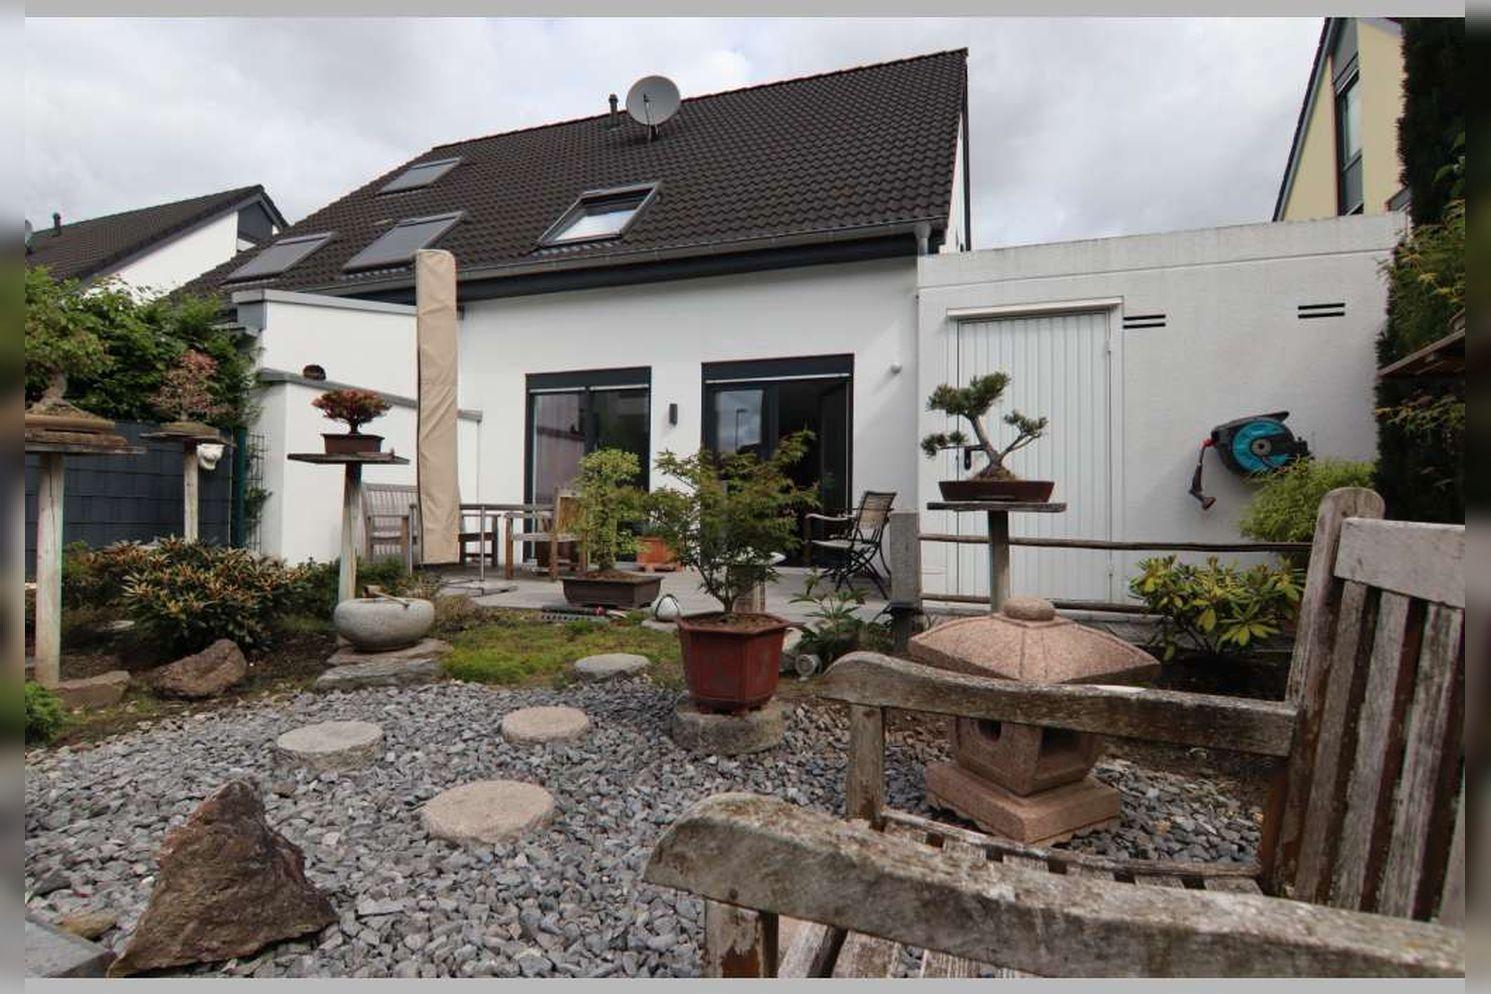 Immobilie Nr.0267 - Doppelhaushälfte mit 4 Zimmern, Küche, Diele, Badzimmer, Gäste-WC, Garten und Garage - nicht unterkellert - Bild 3.jpg